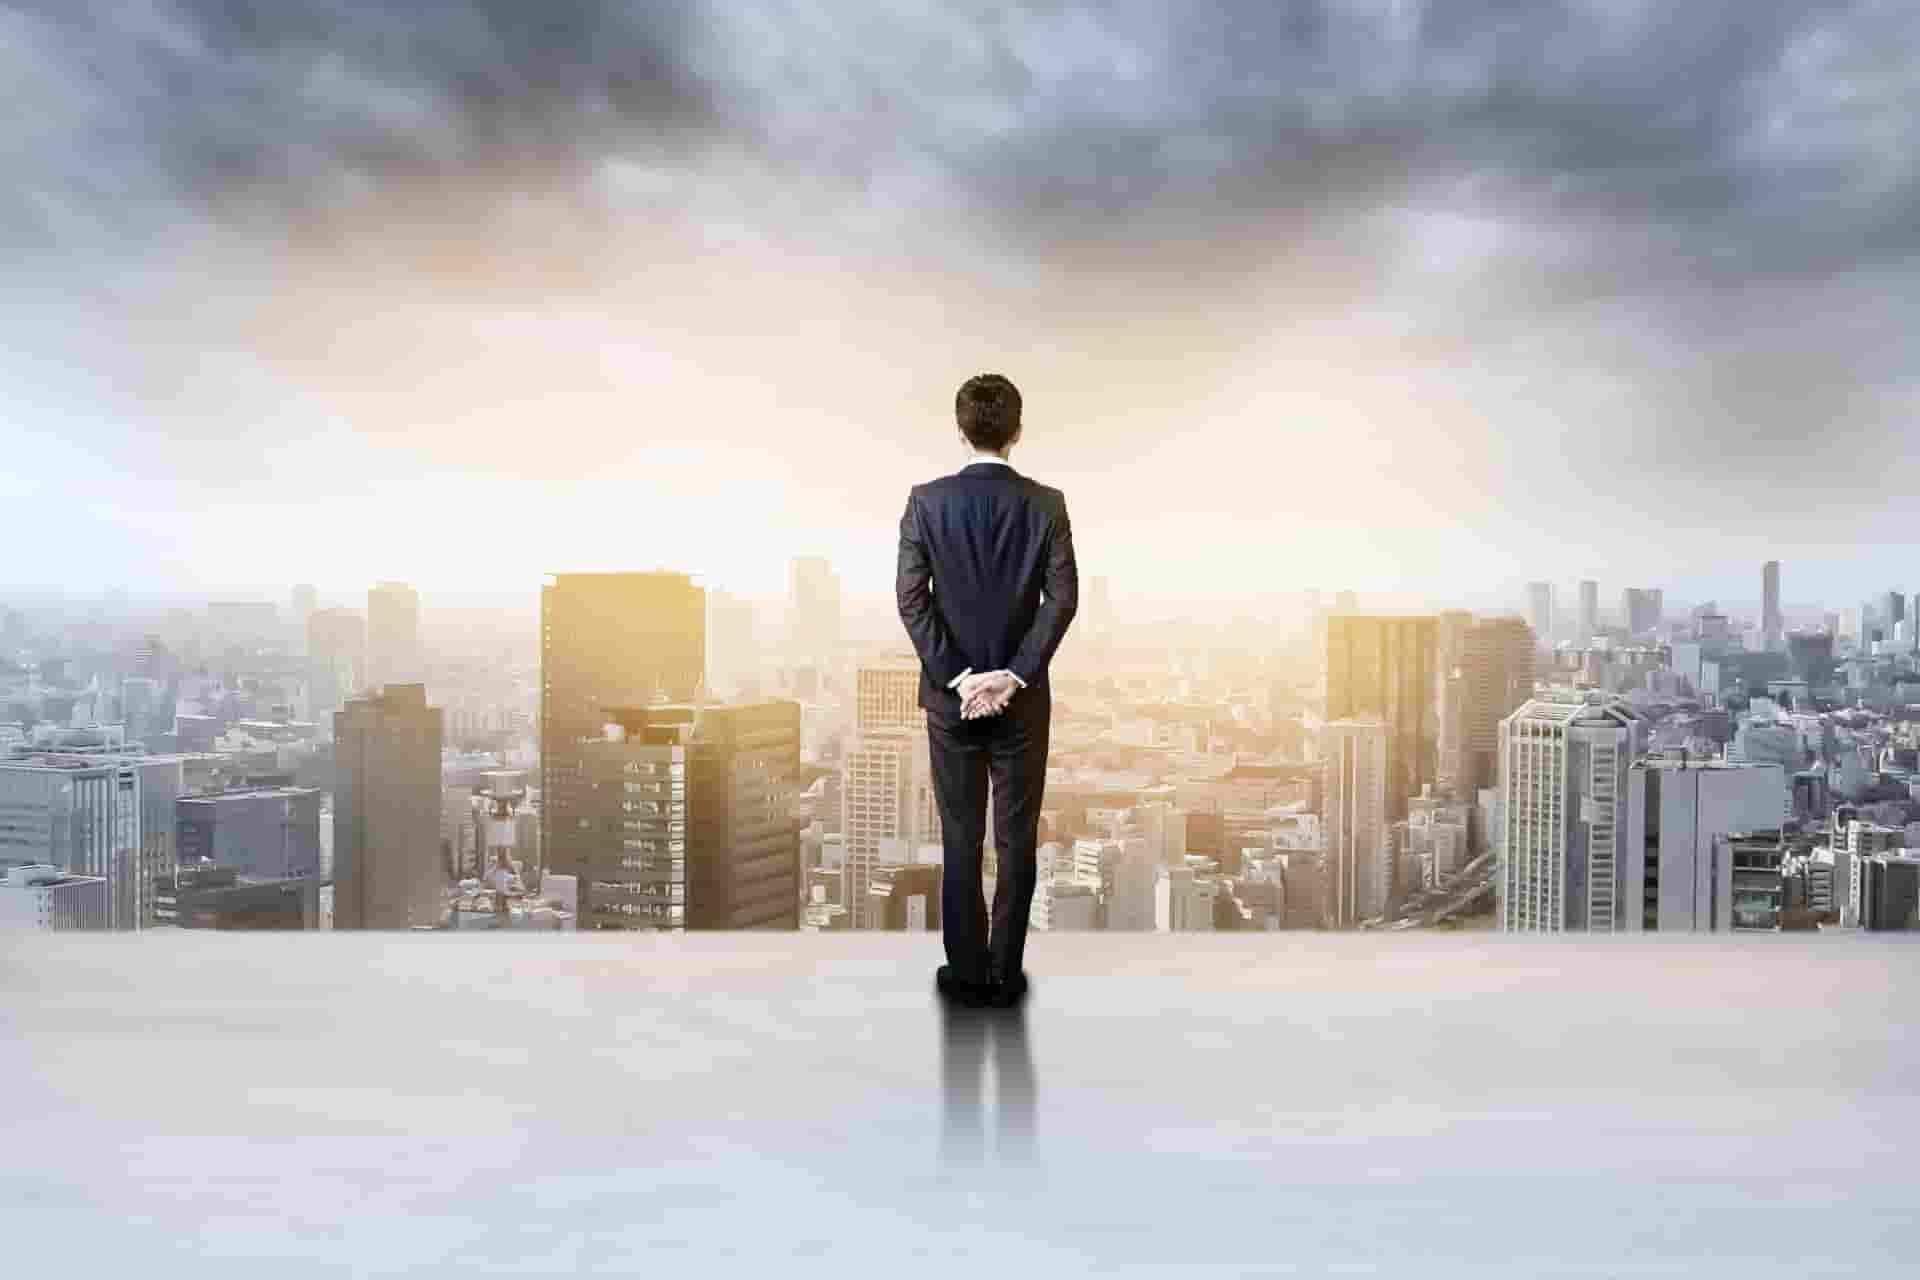 商社とは何?総合商社・専門商社の特徴や働くメリットとは?